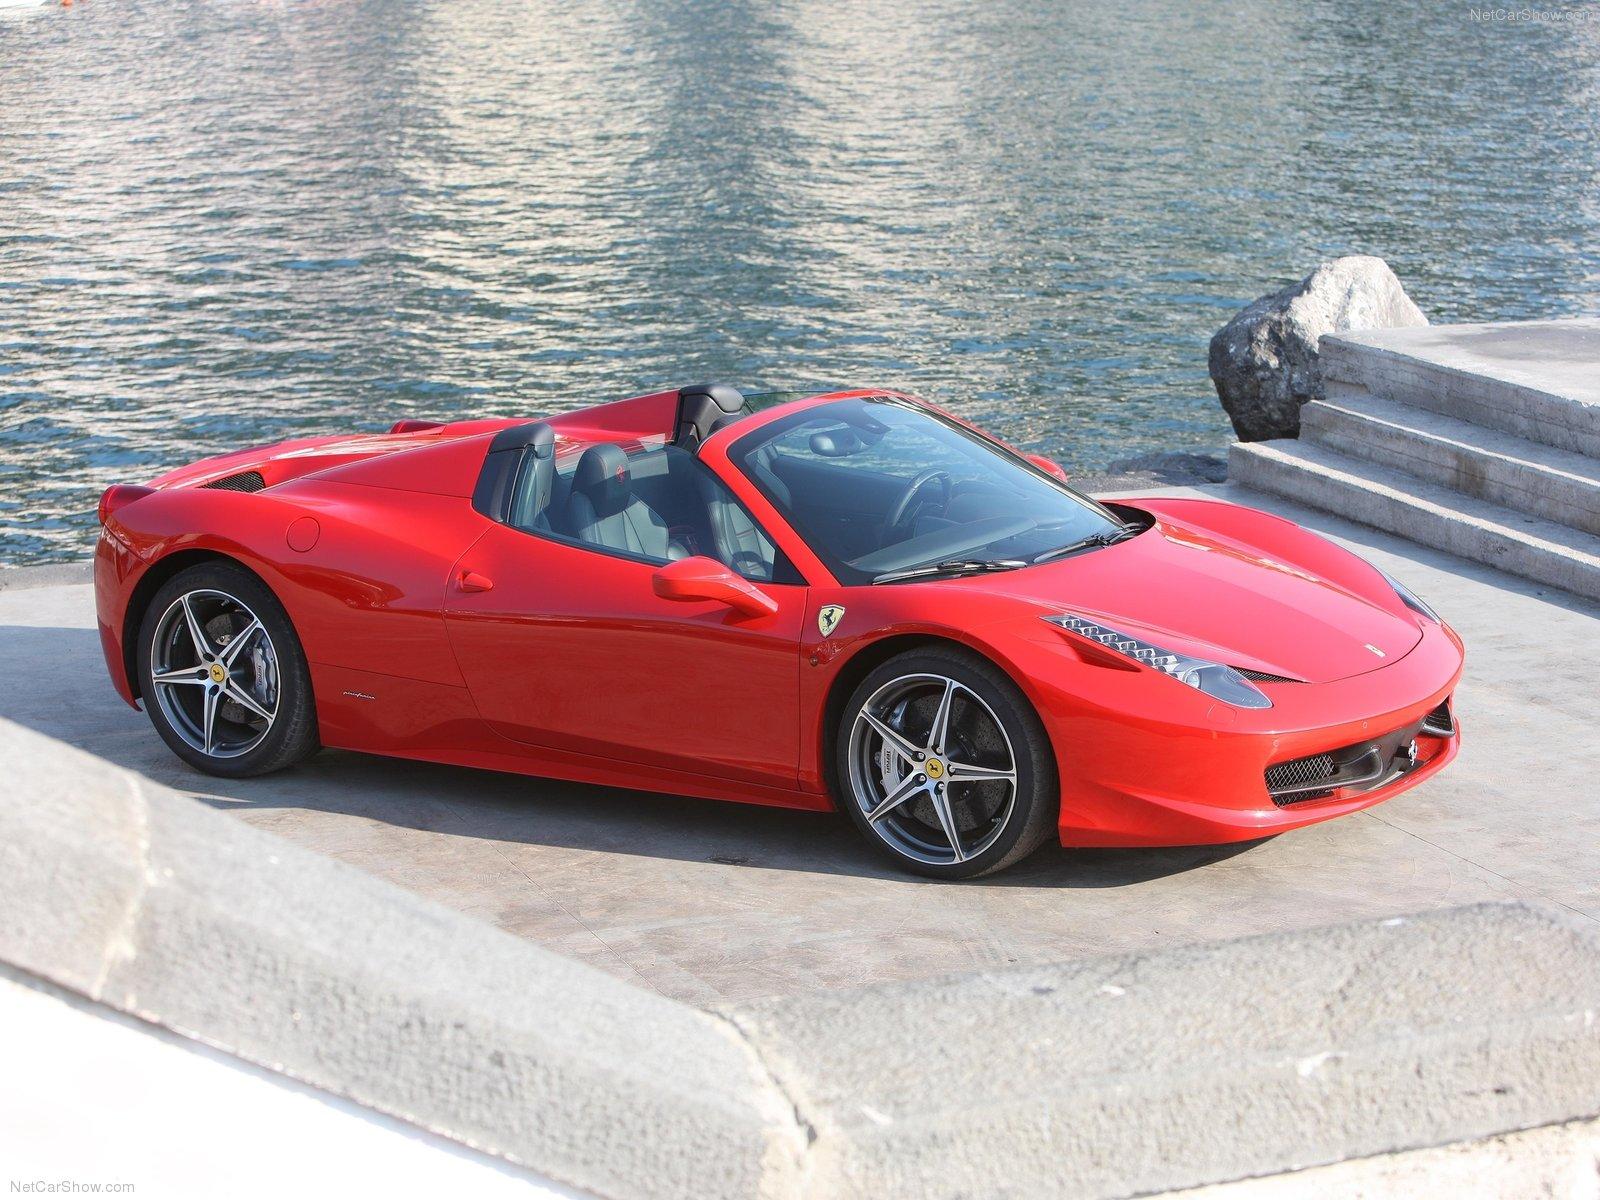 Ferrari 458 Cabrio Idee D Image De Voiture